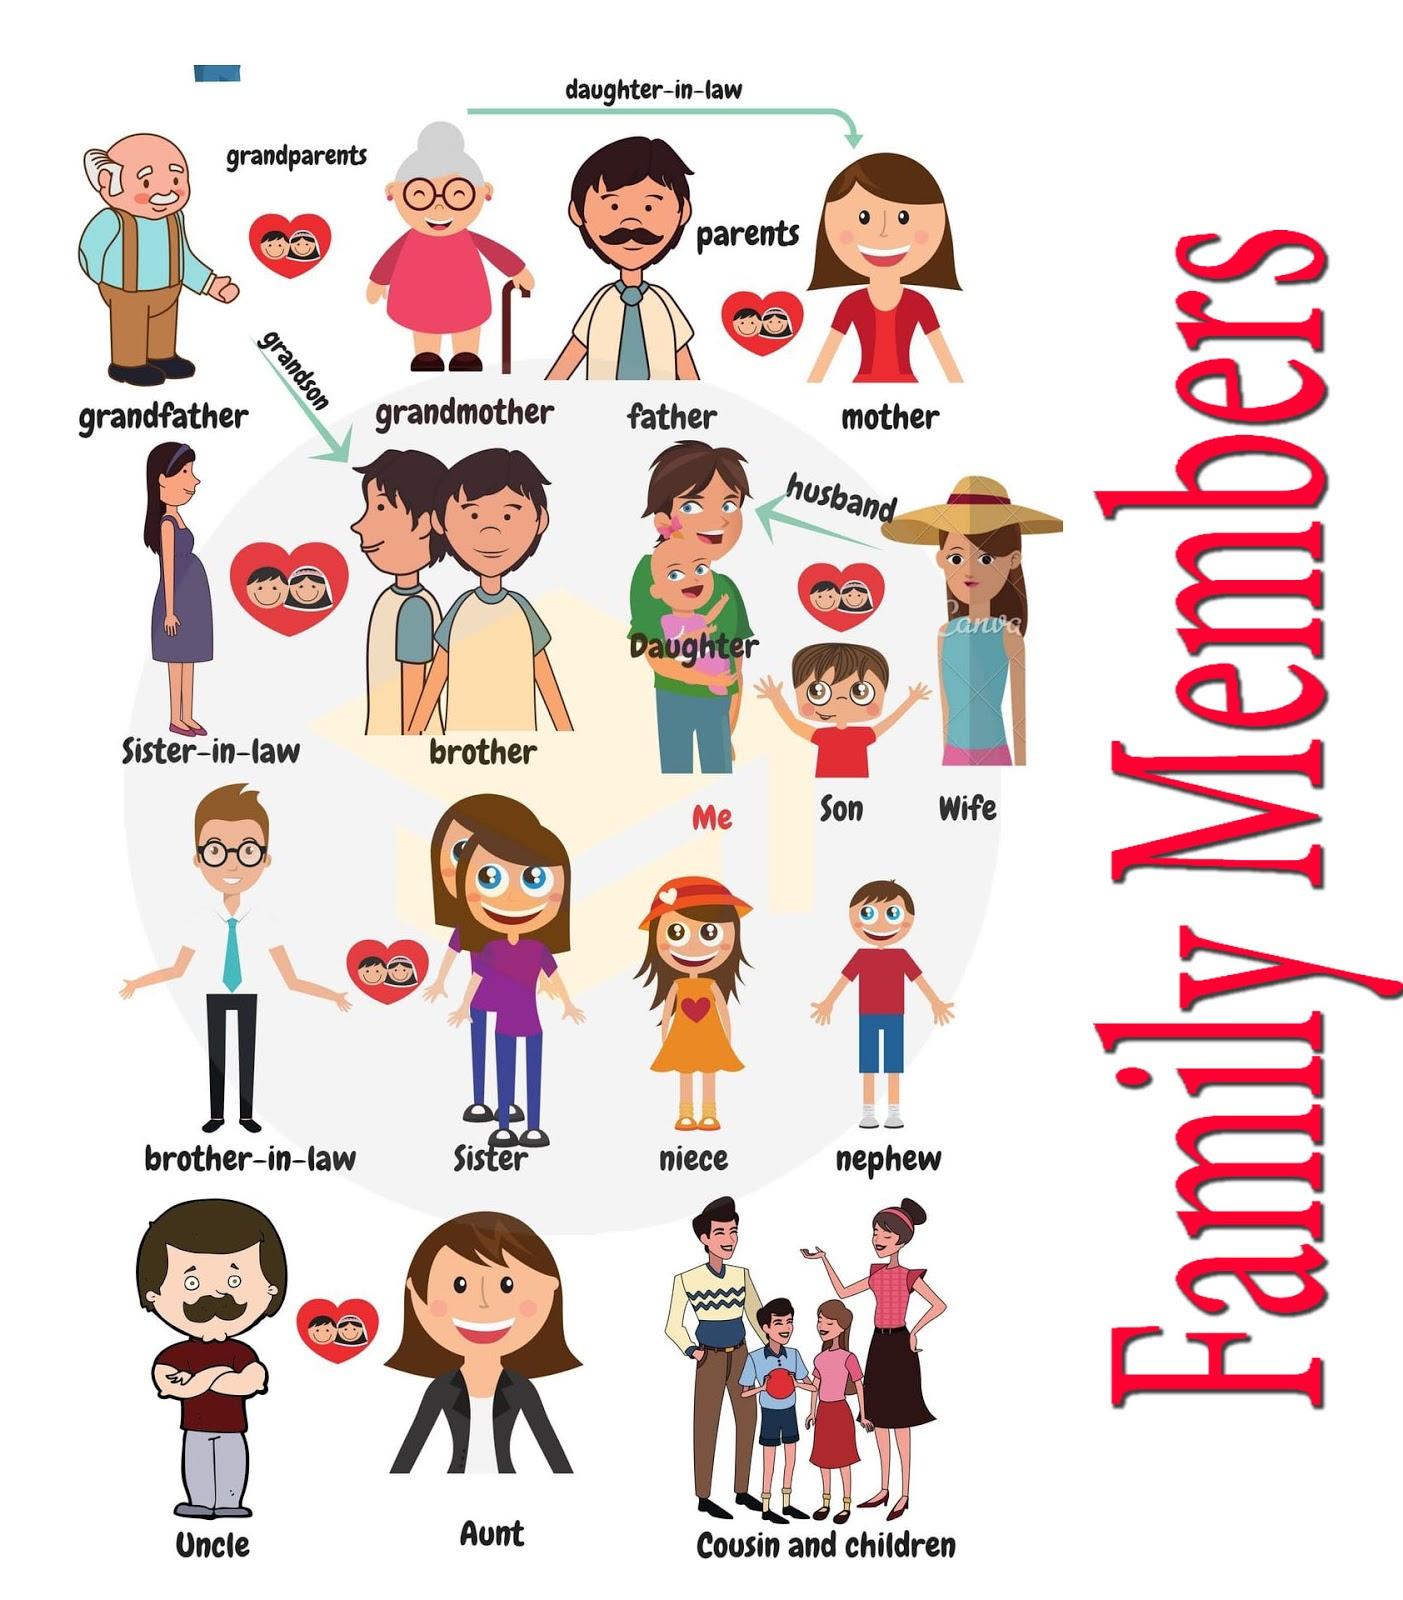 اسماء افراد العائلة بالانجليزي 4